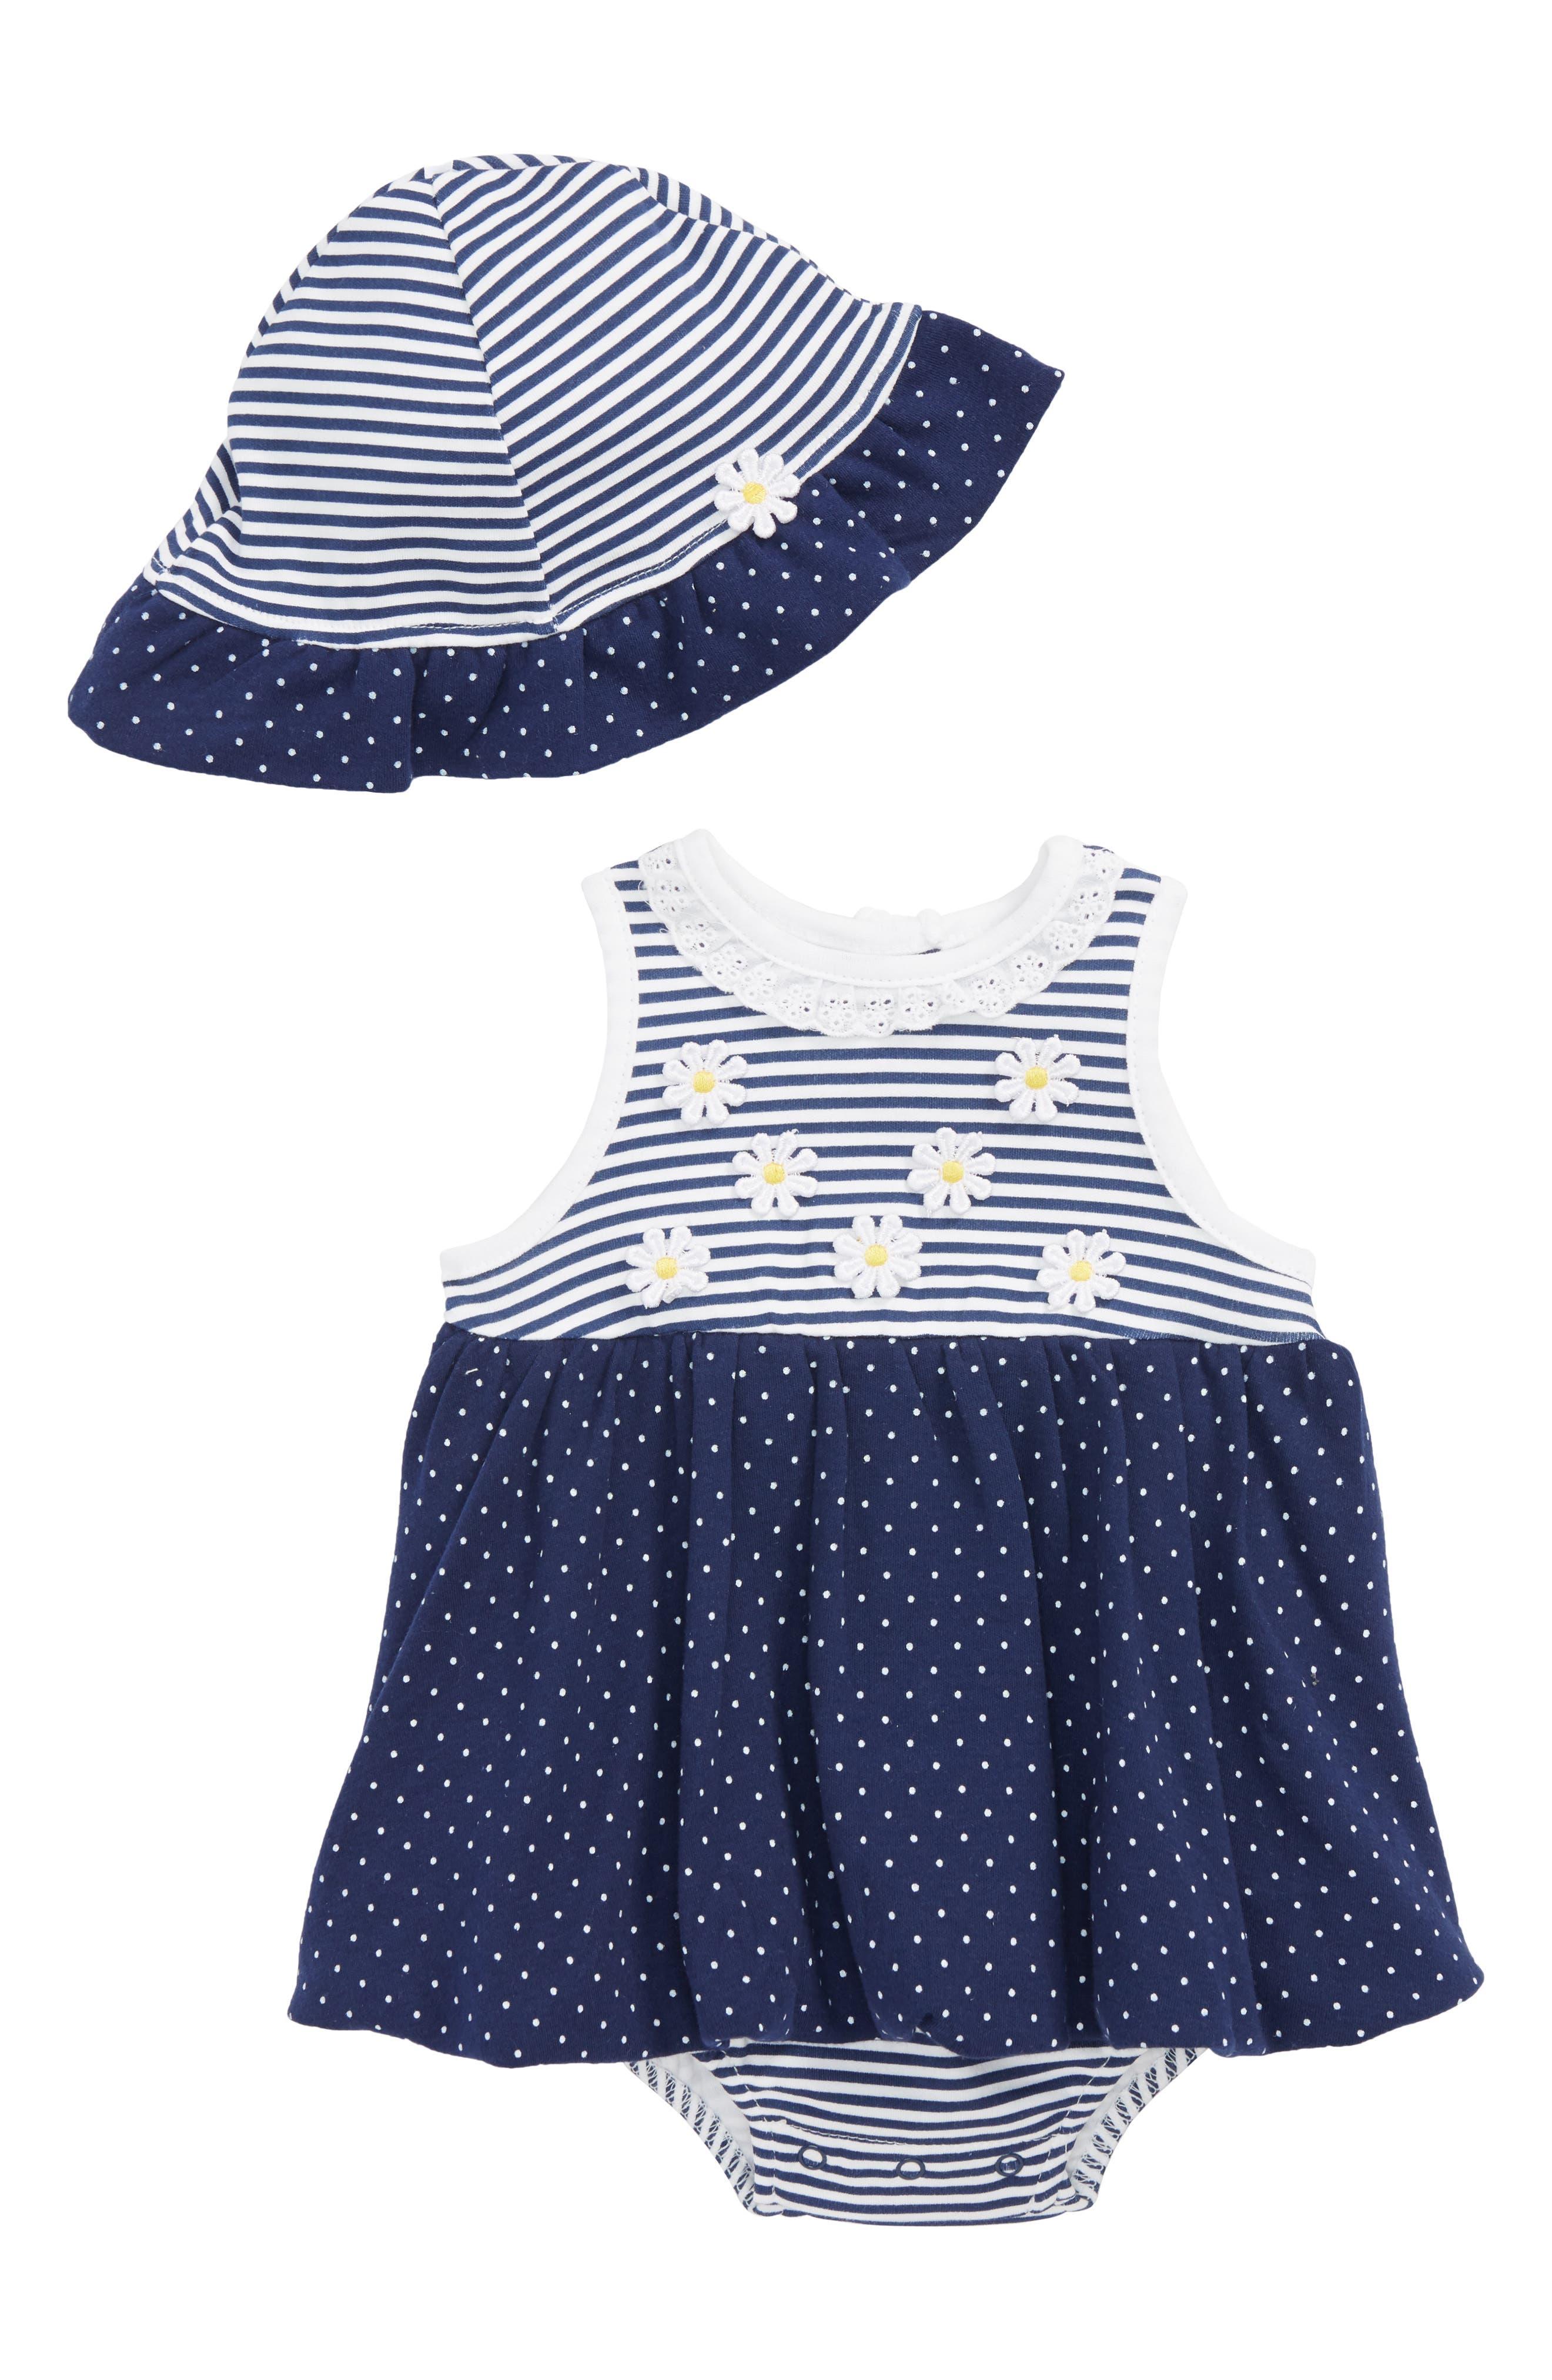 Daisy Dots Popover Bodysuit & Sun Hat Set,                             Main thumbnail 1, color,                             Navy